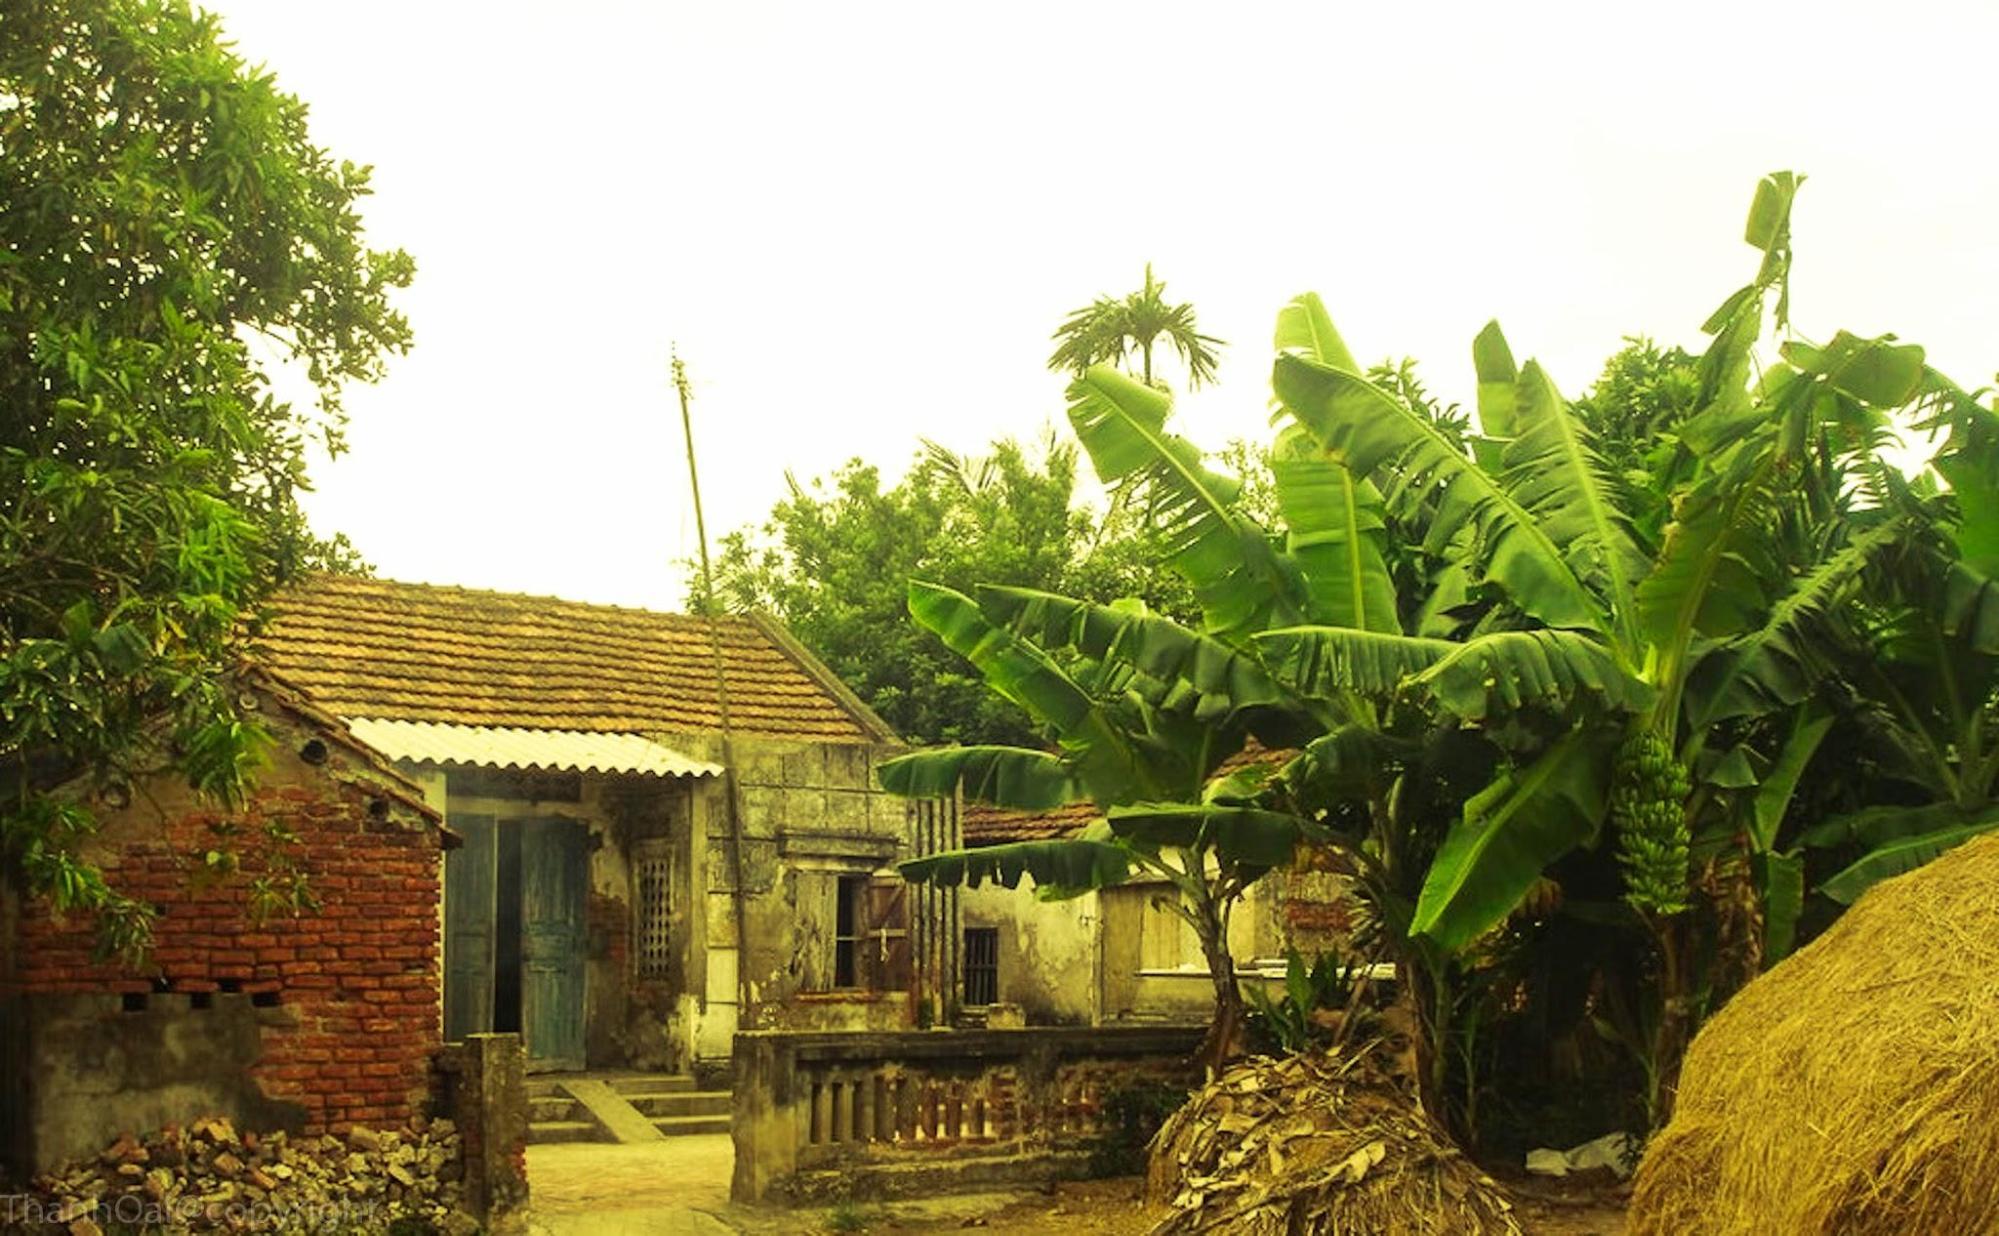 Hình ảnh quê hương mái ngói đơn sơ